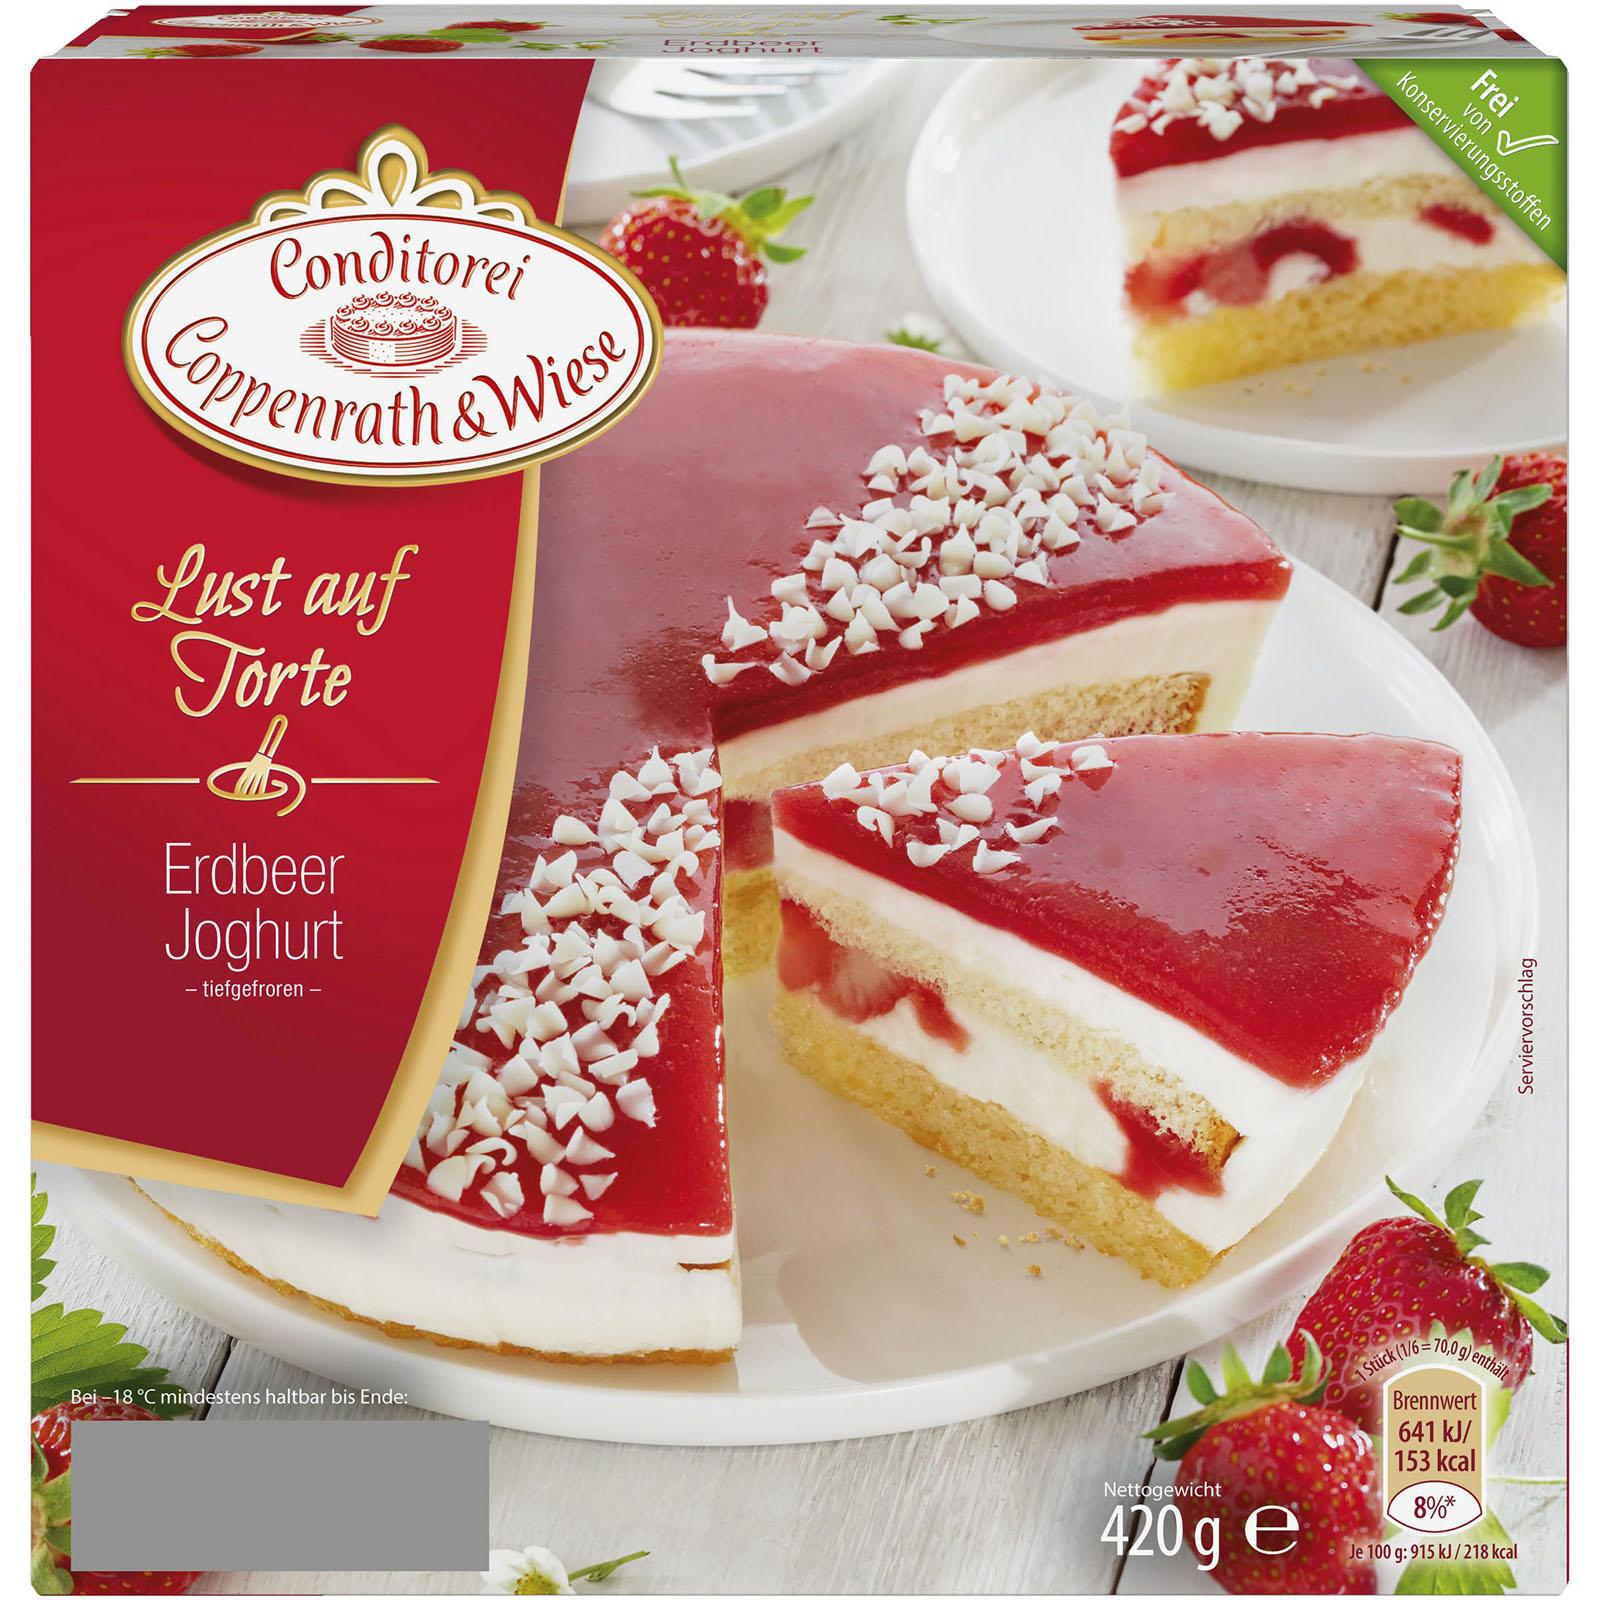 Coppenrath Und Wiese Erdbeer Joghurt